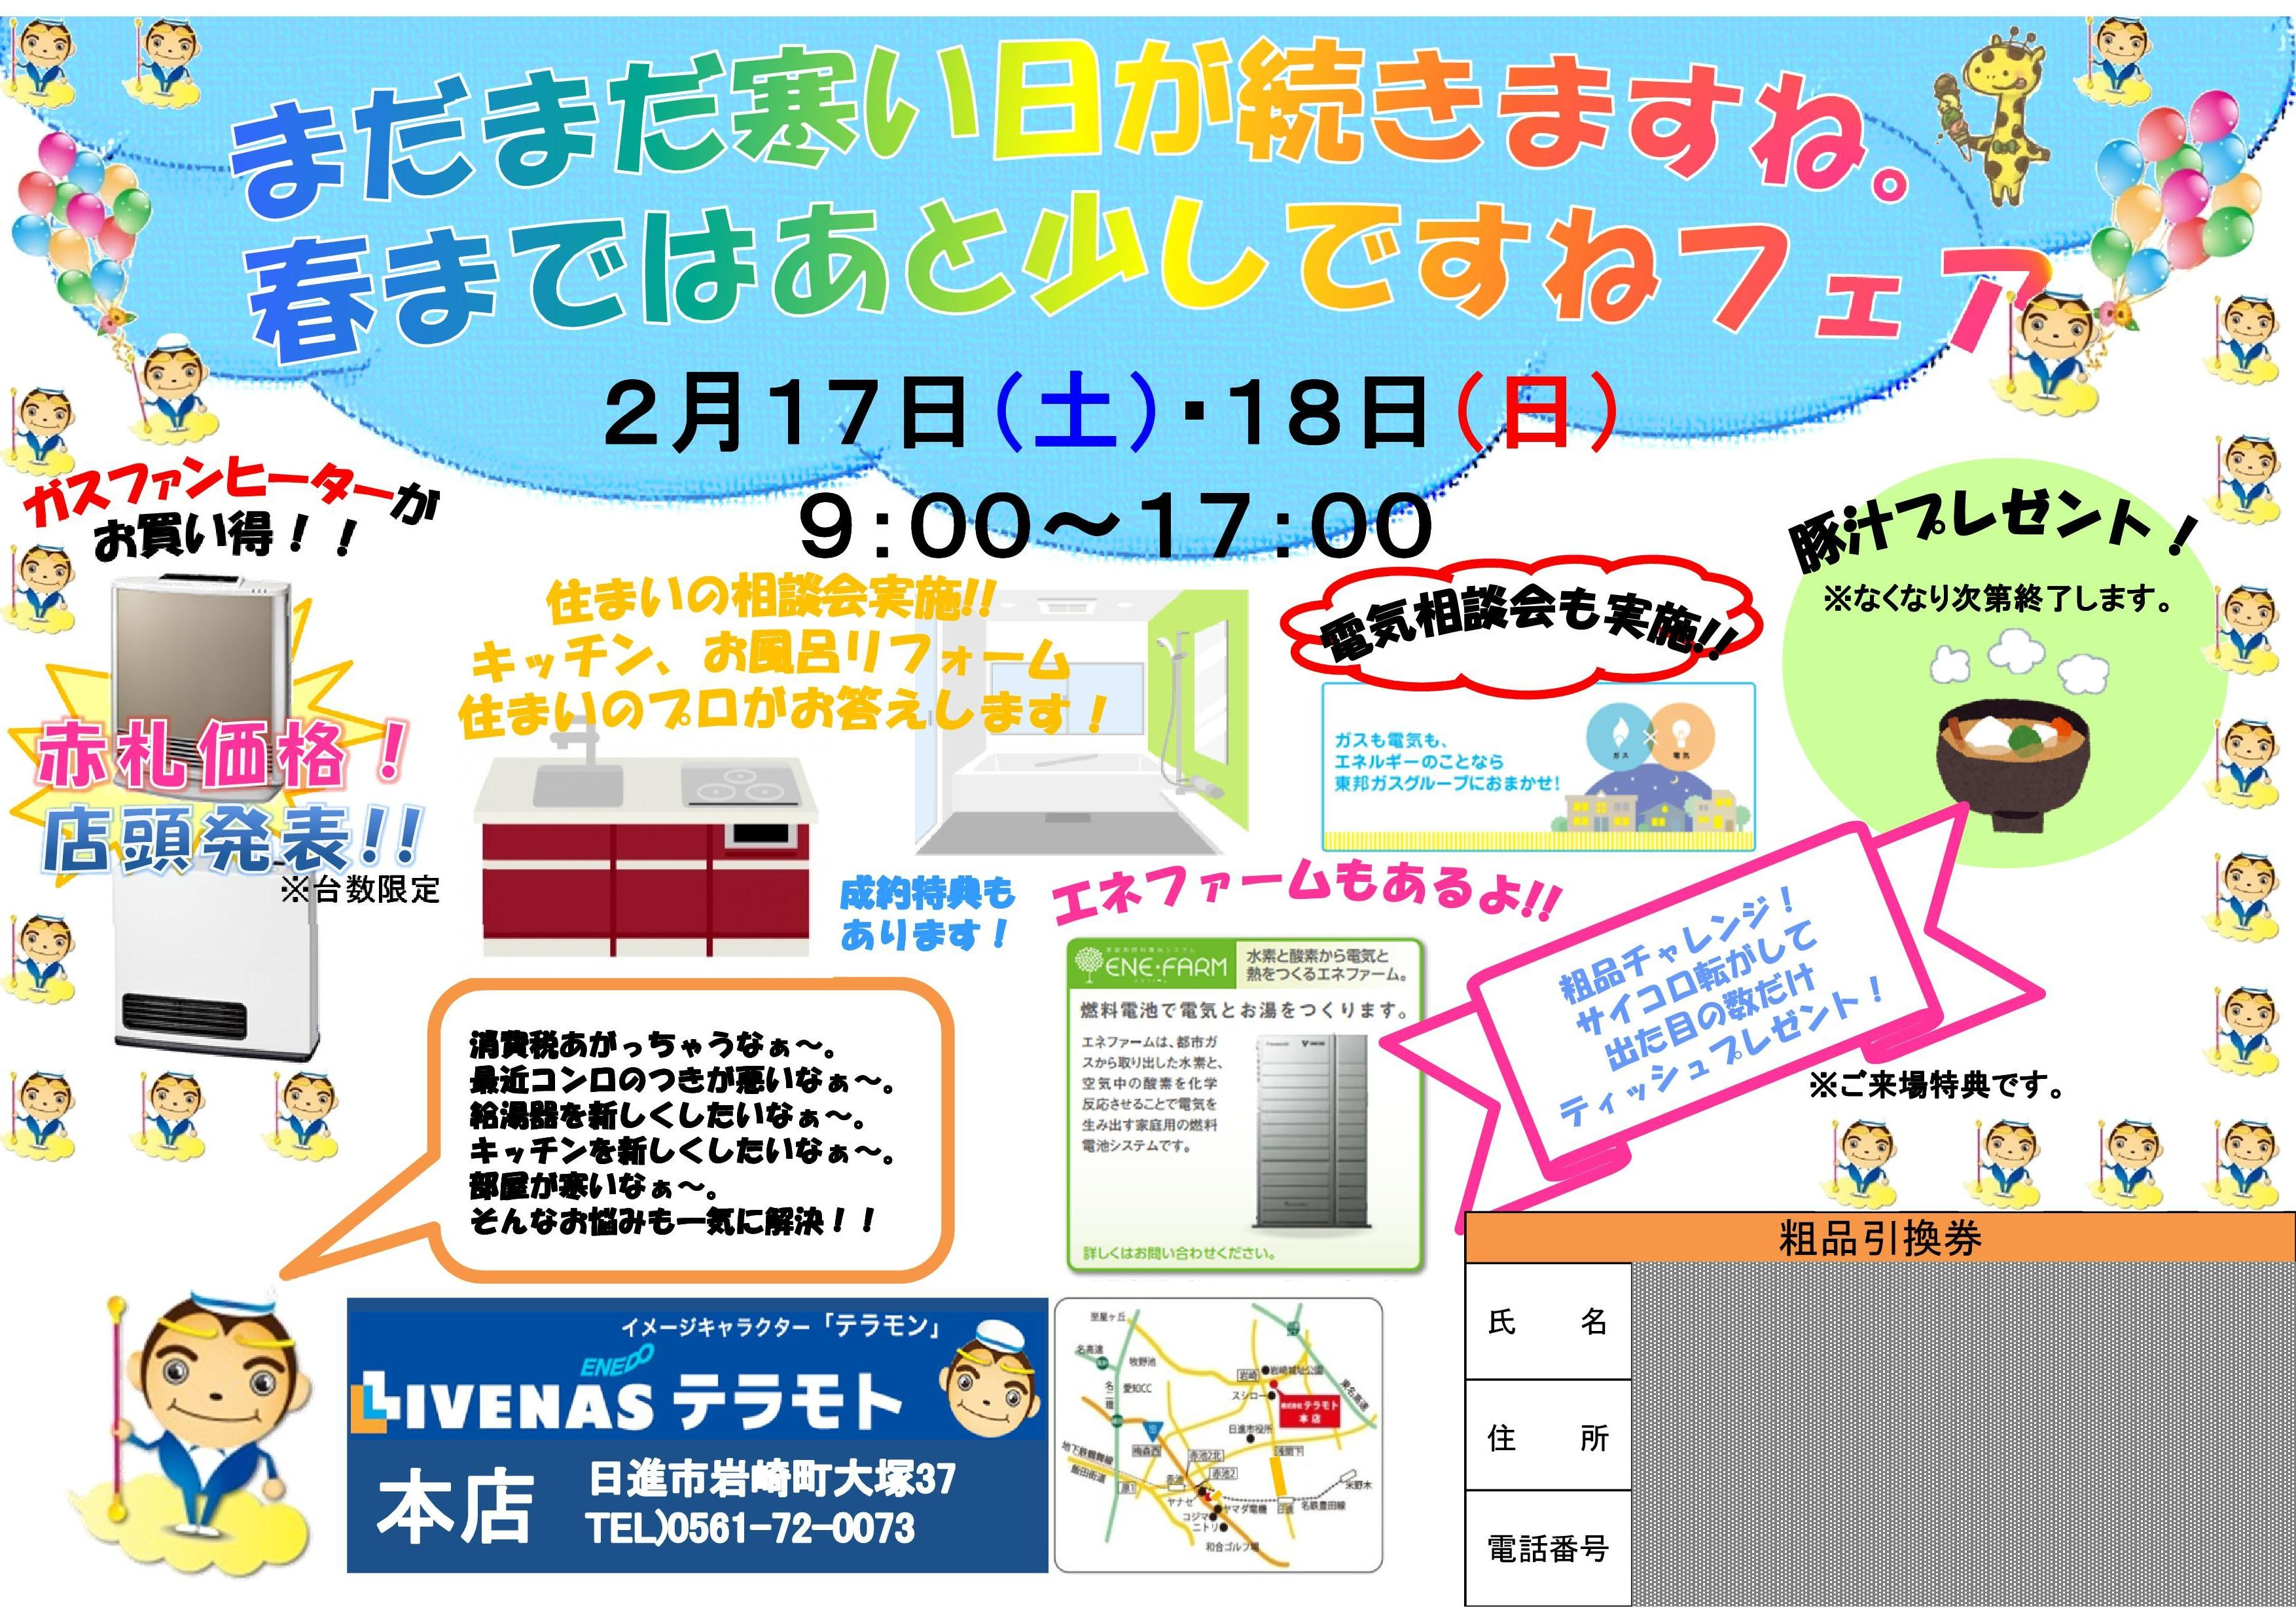 2018年2月イベントチラシ.jpg